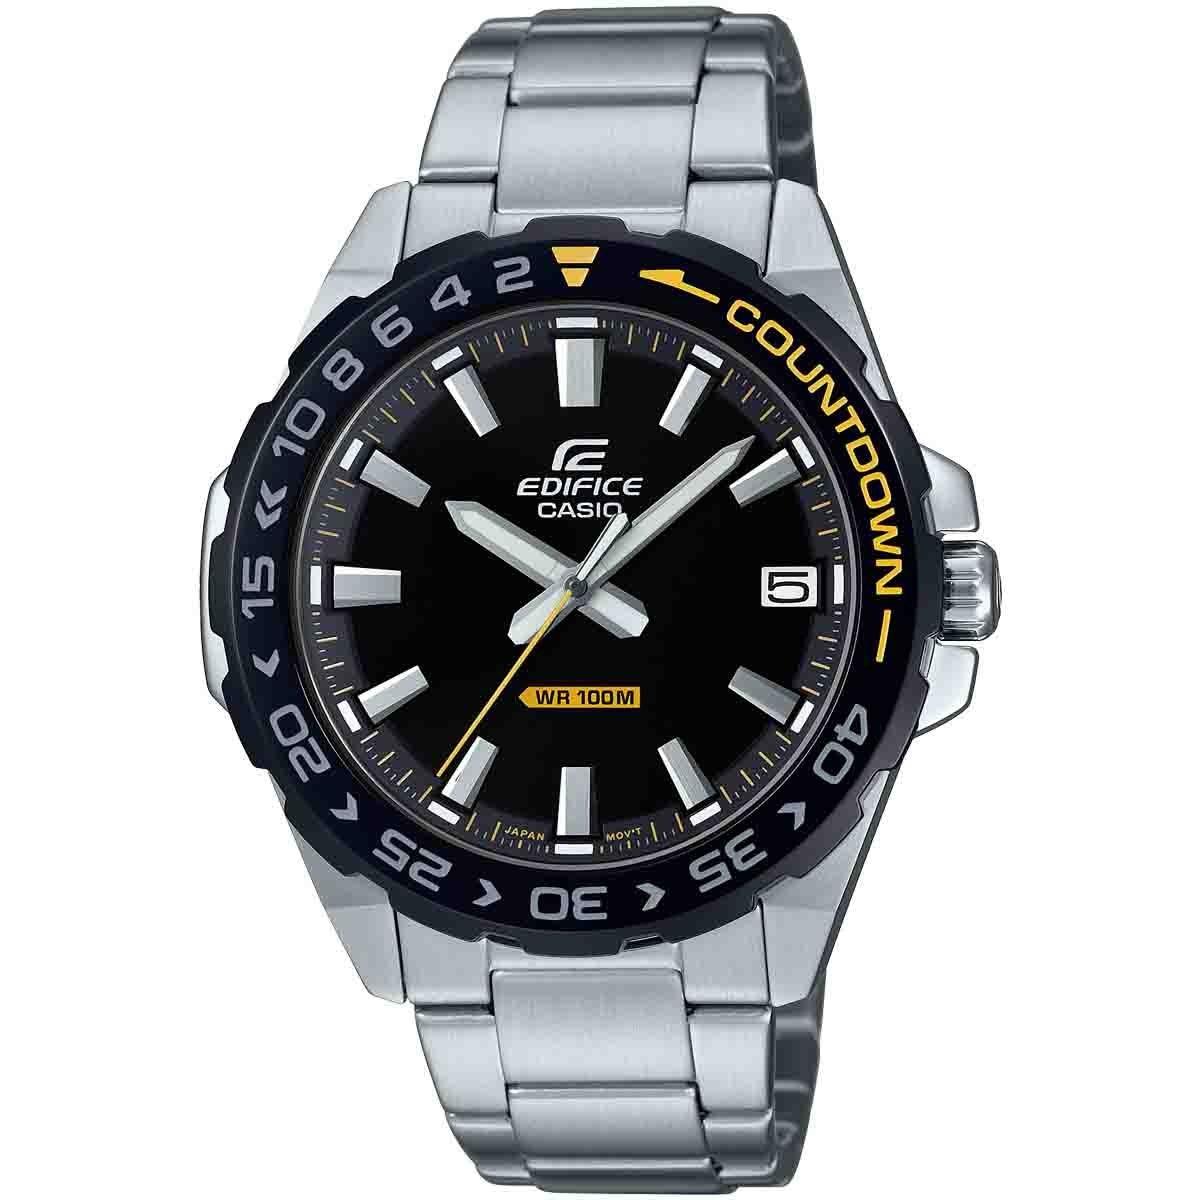 Sears: Reloj Casio Edifice a precio decente